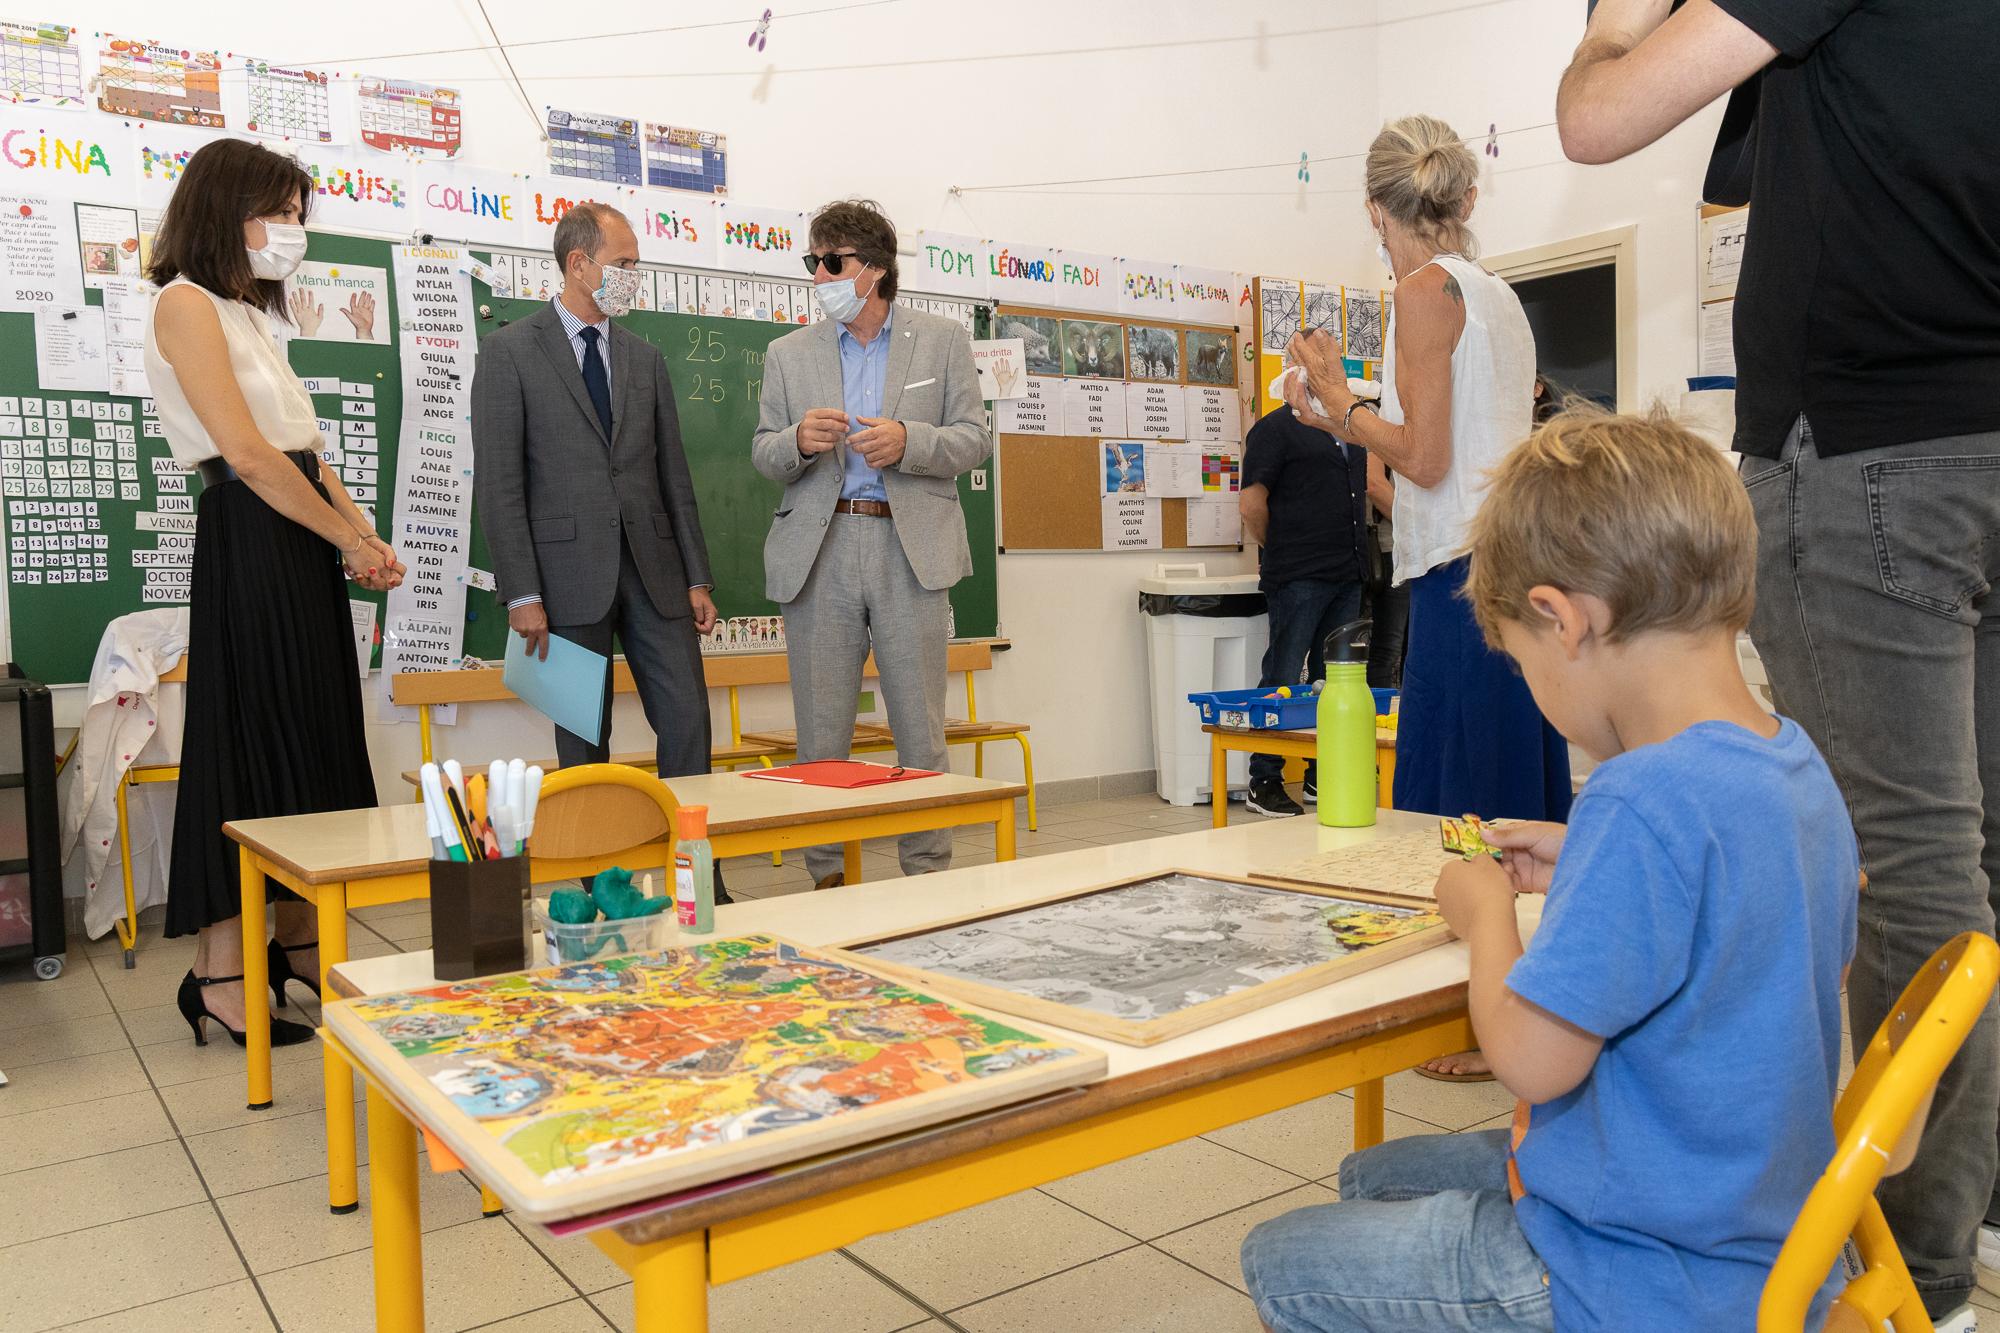 Réouverture de l'école et validation du protocole sanitaire d'ouverture par Mme la rectrice et Mr le préfet de Corse.